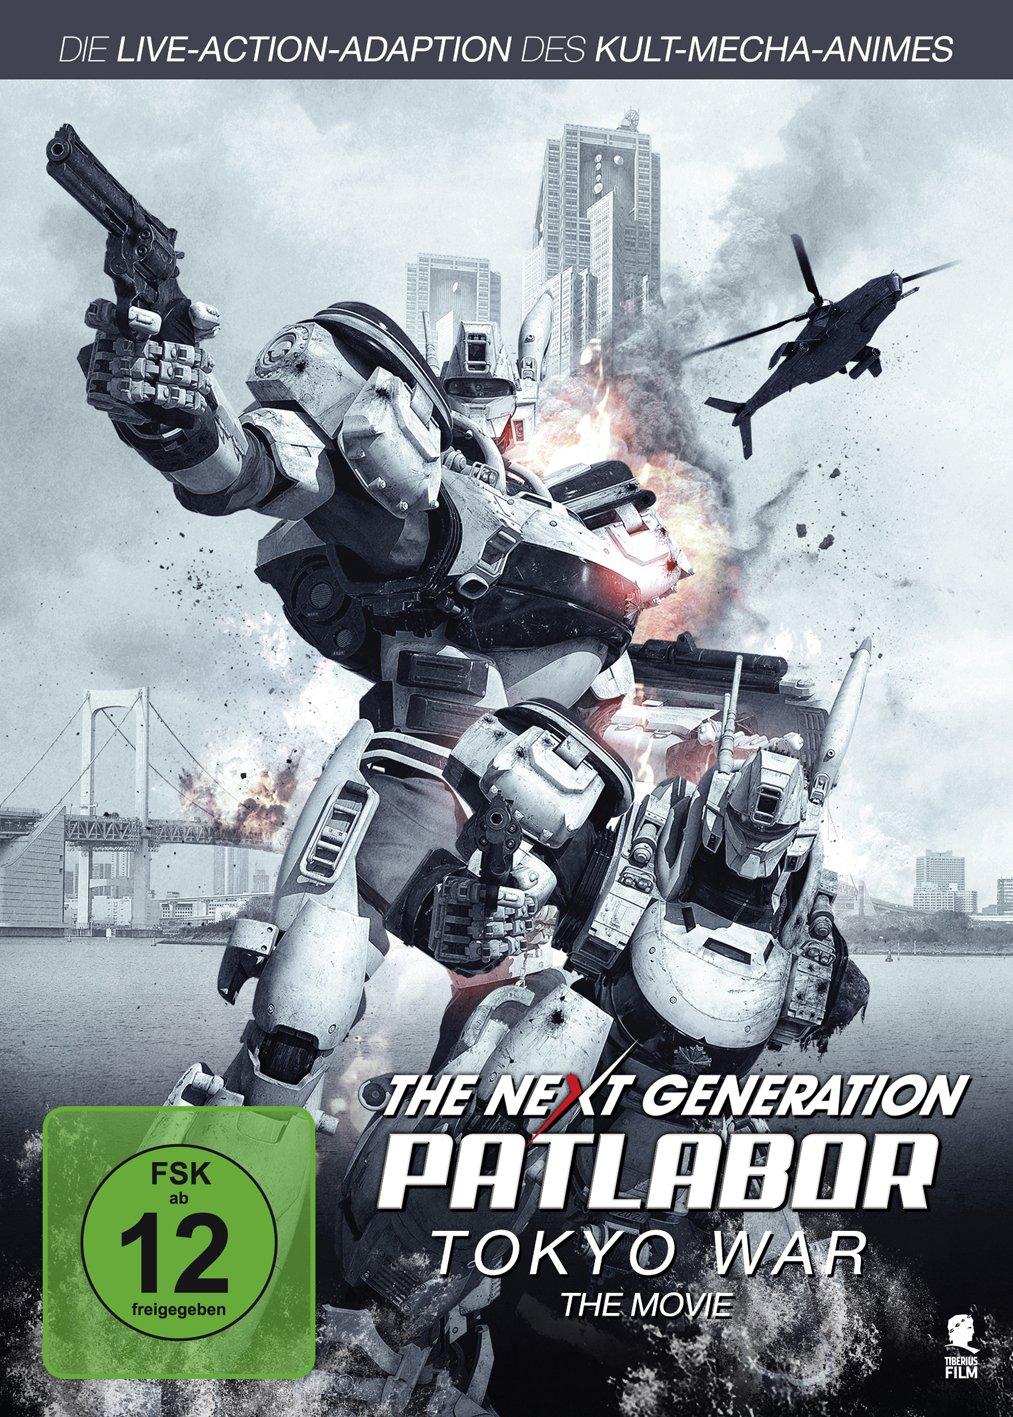 The Next Generation Patlabor 3